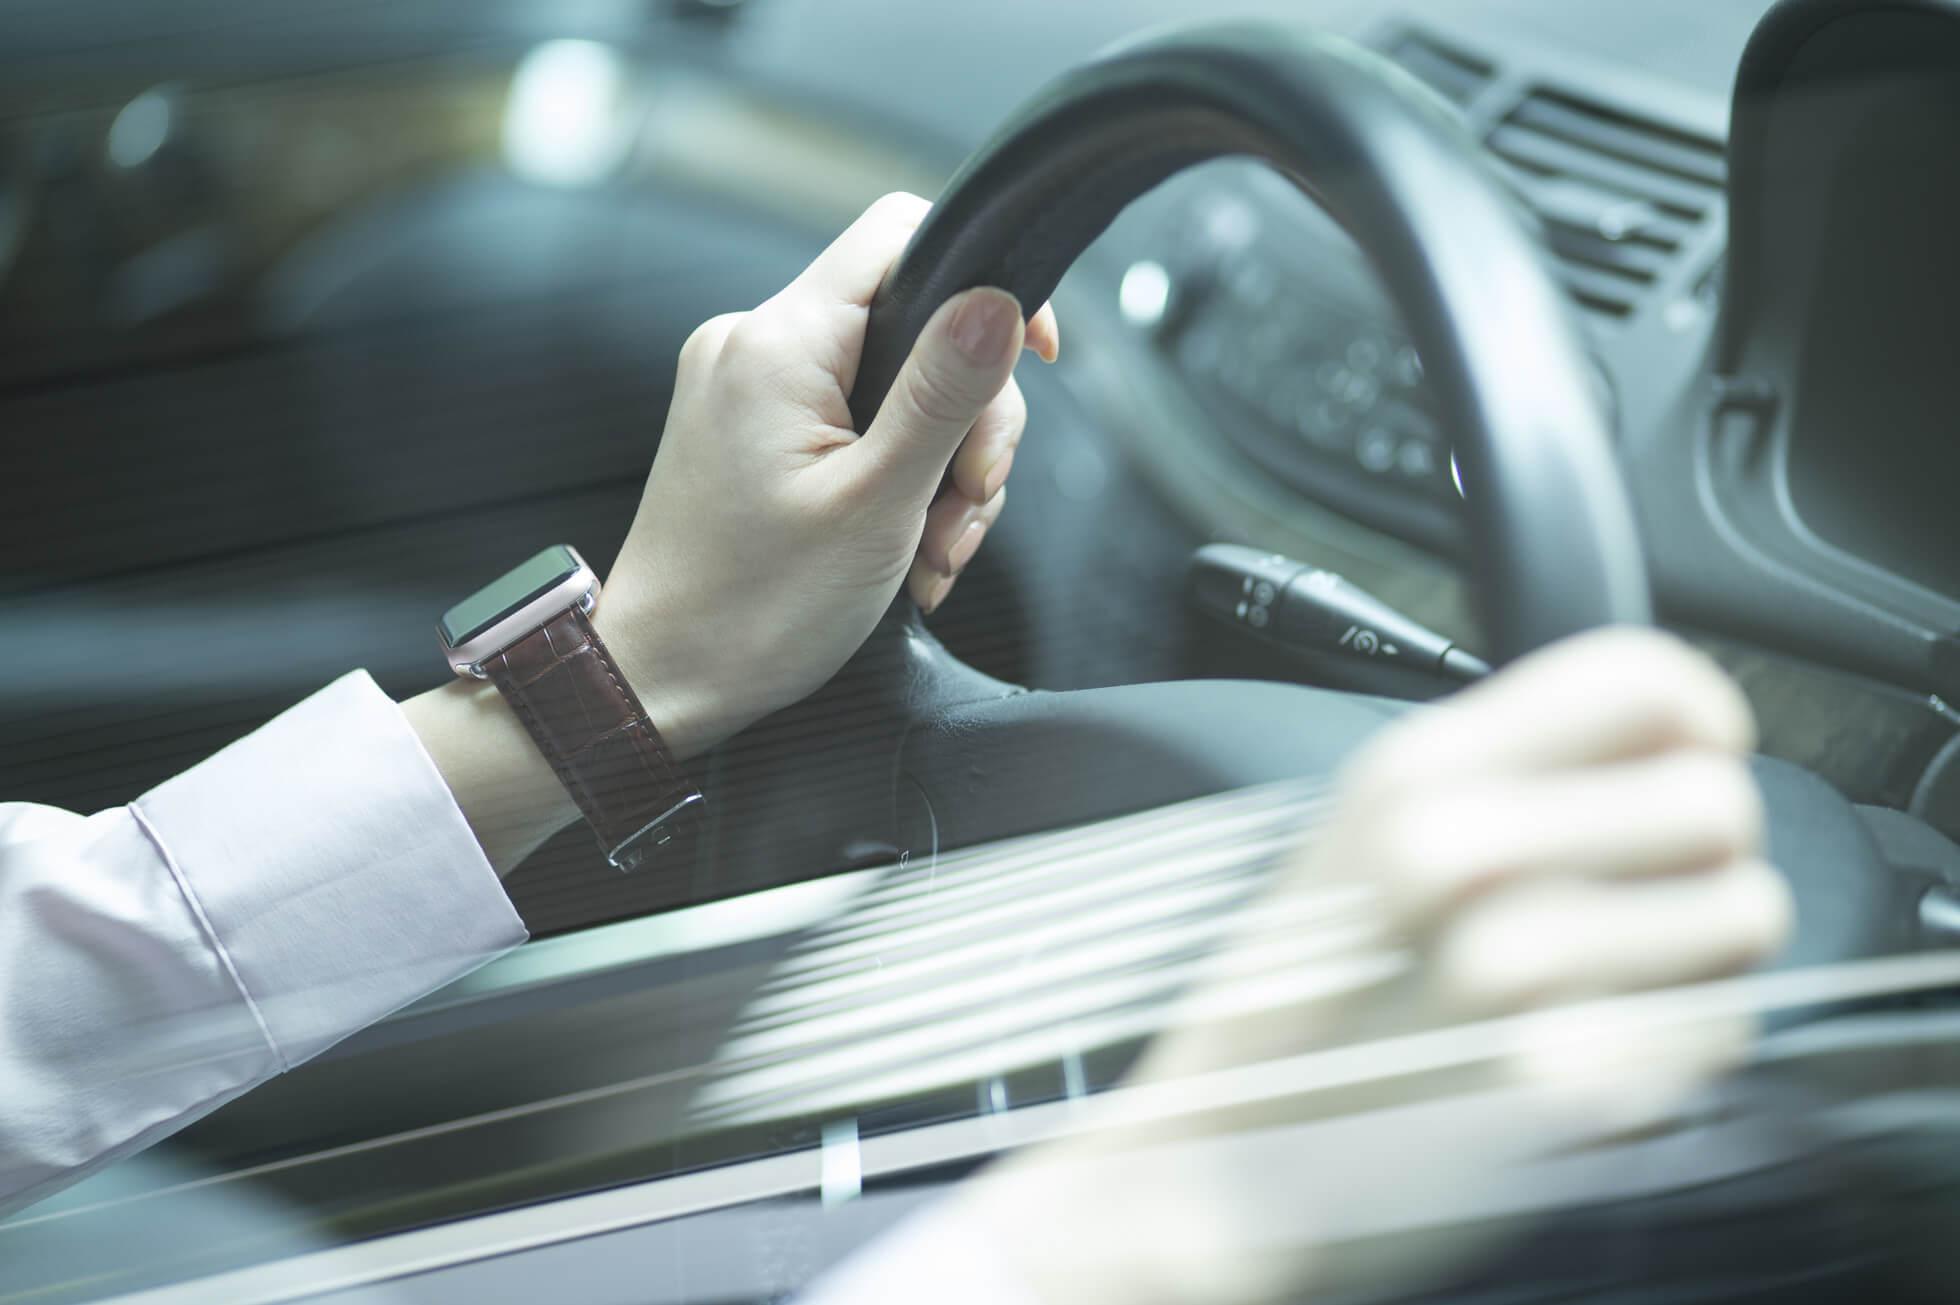 ドライバーの労務管理の課題とポイント — 車両管理システムが解決できること